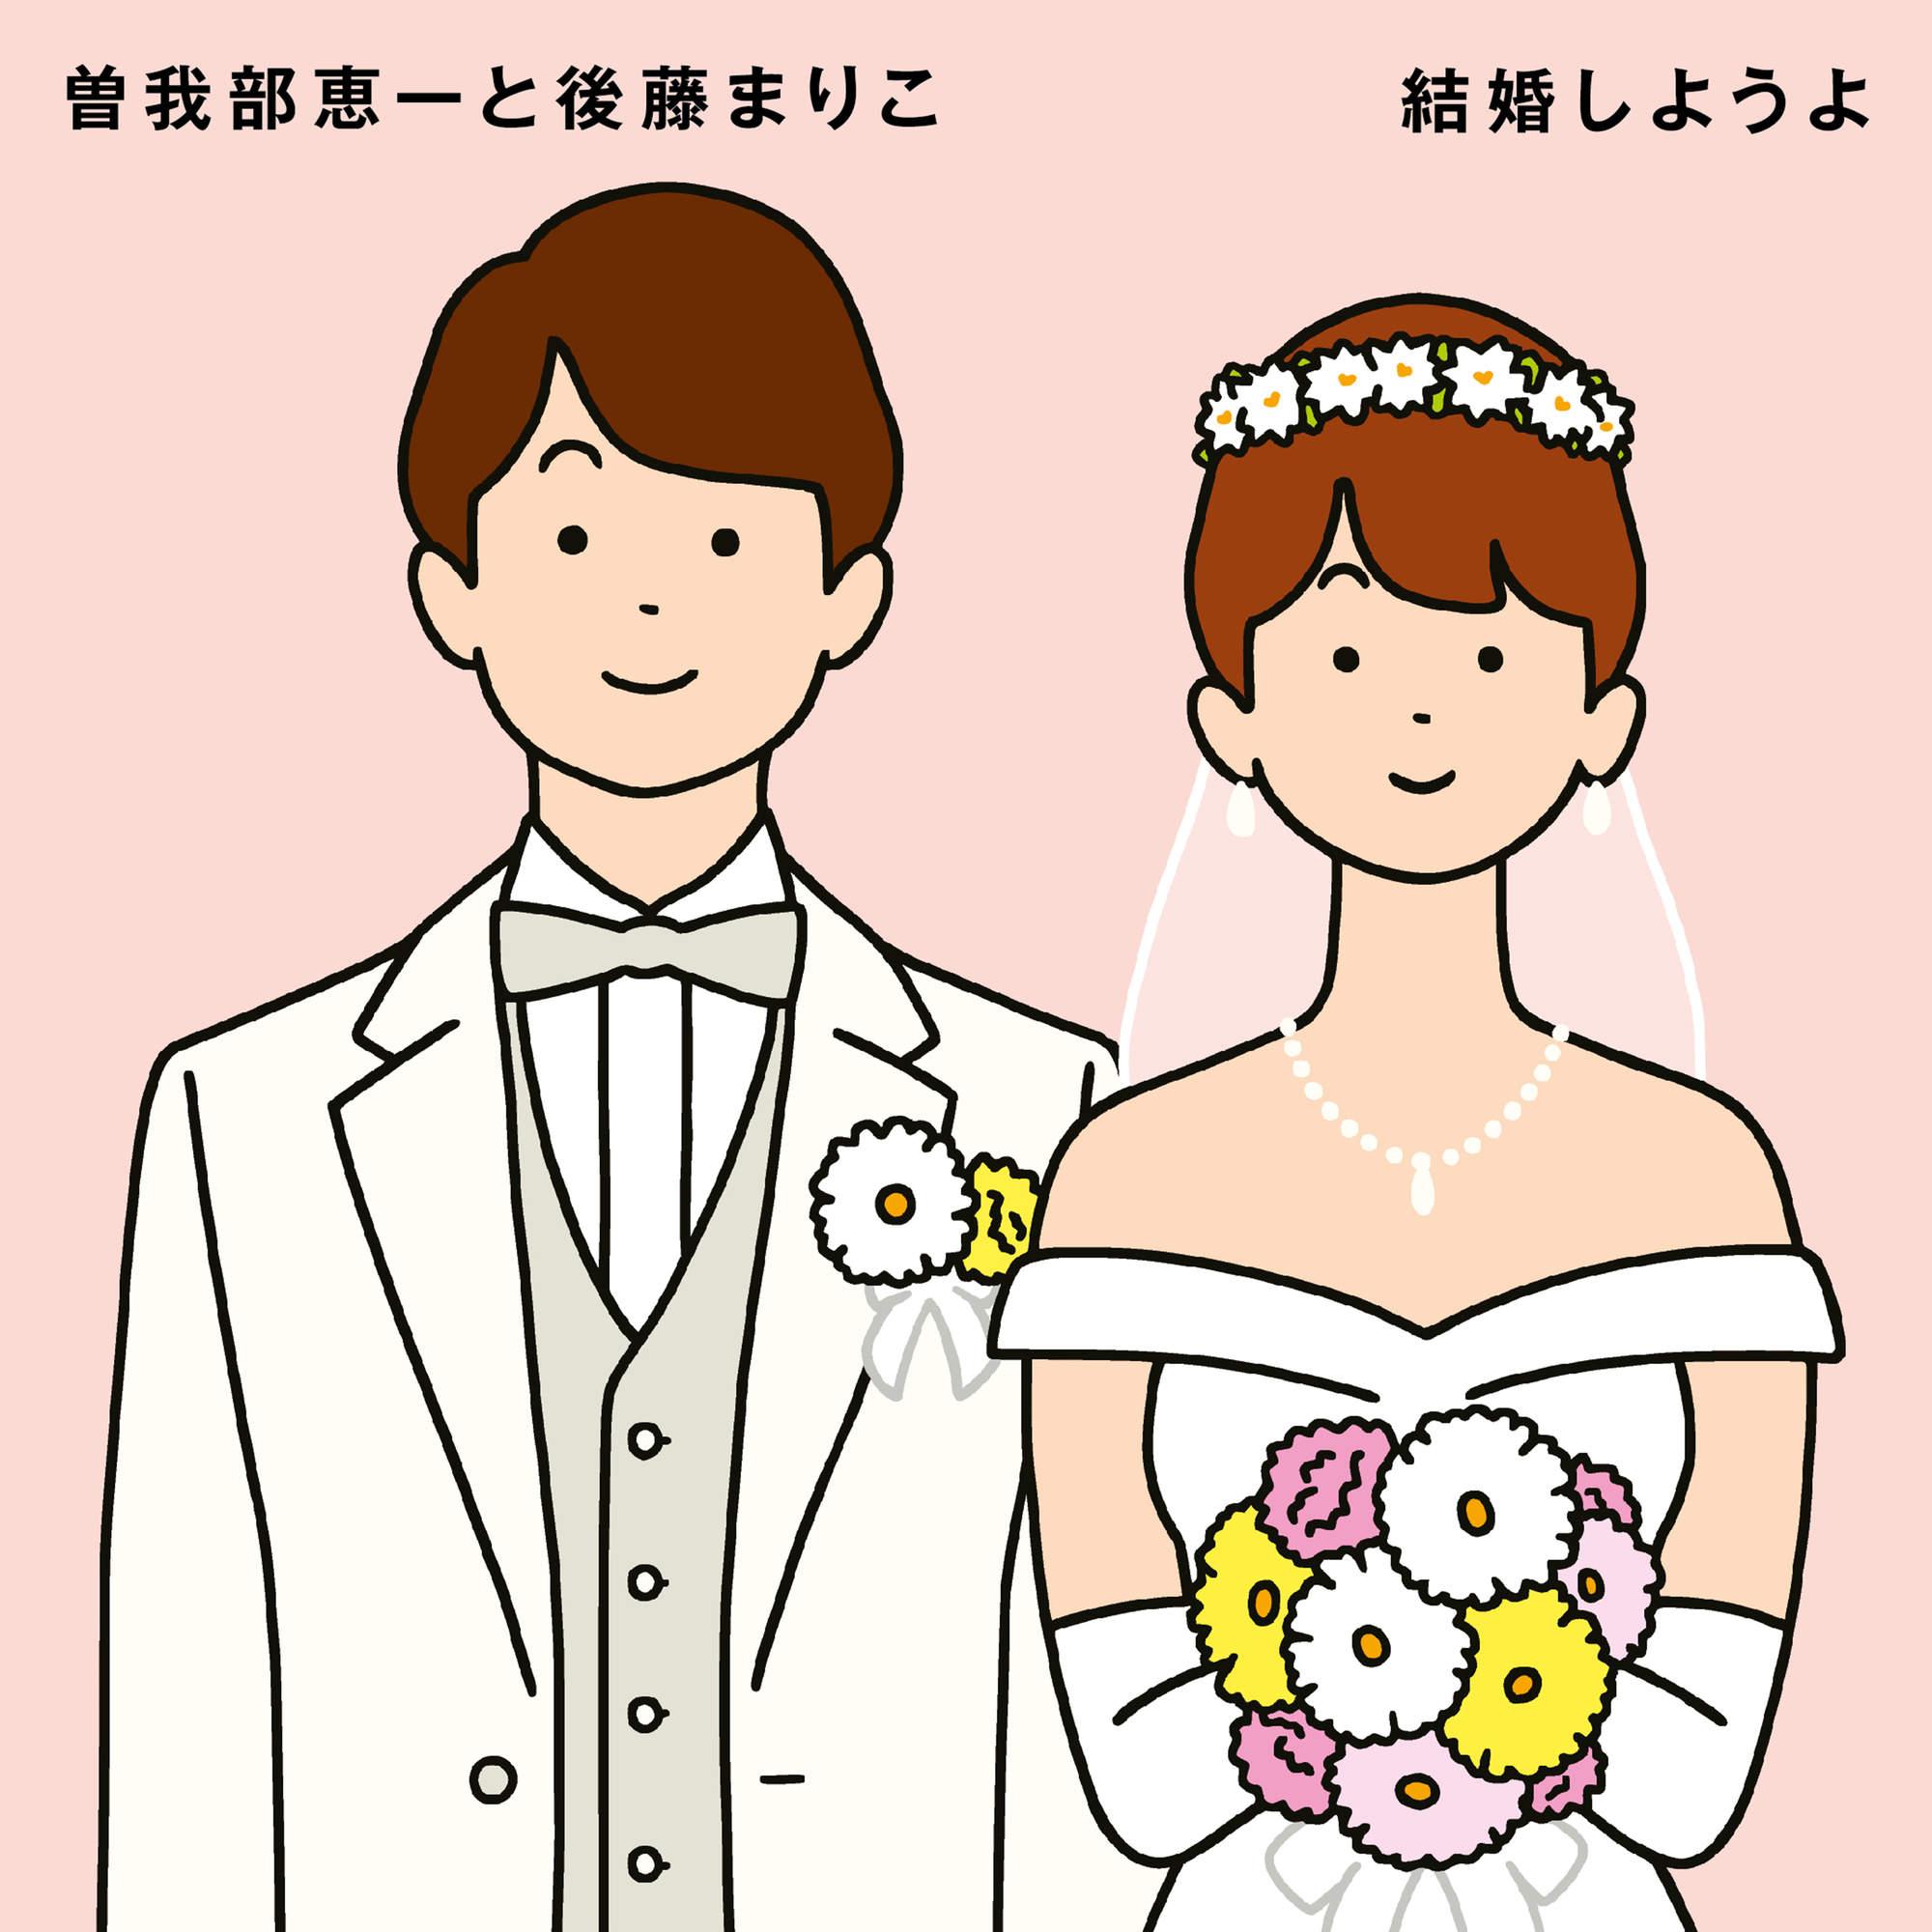 曽我部恵一と後藤まりこ 限定7インチシングル『結婚しようよ』11月15日発売決定!